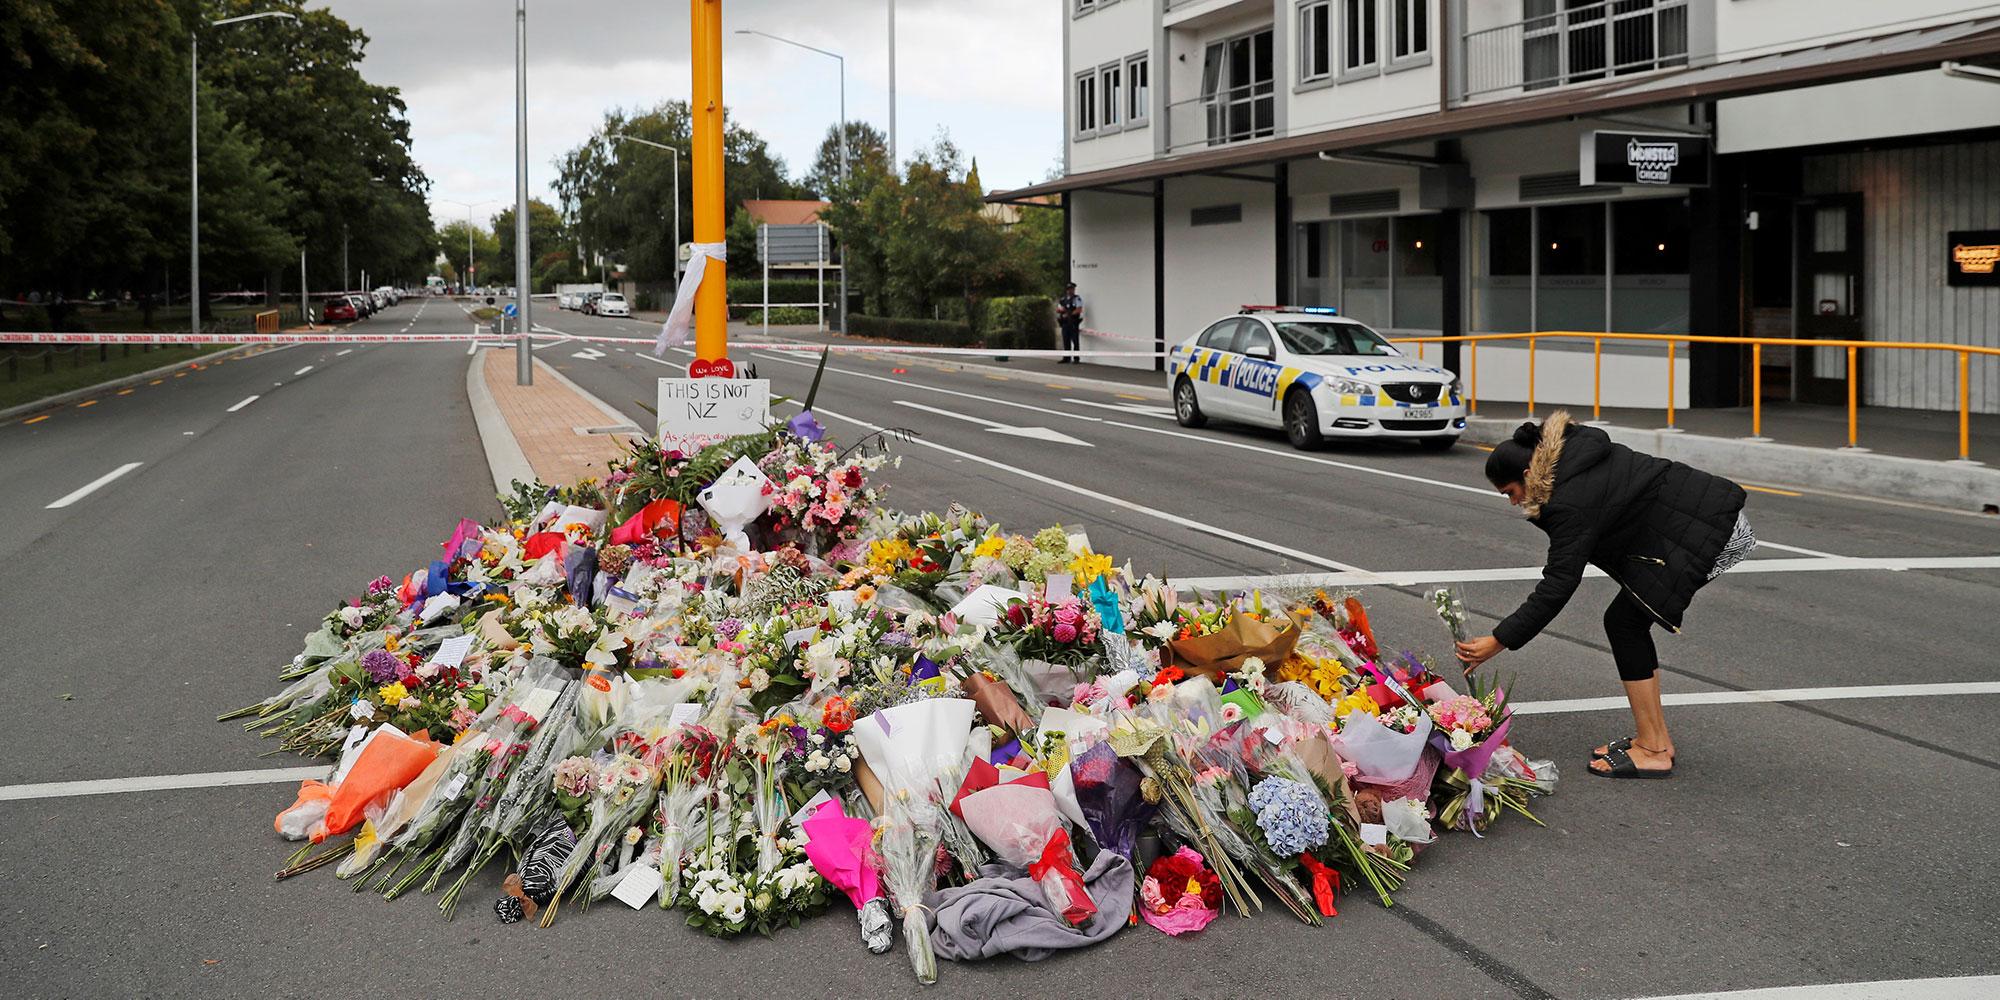 Attentat Nouvelle Zélande Wikipedia: Attentats Contre Deux Mosquées En Nouvelle-Zélande : Sur